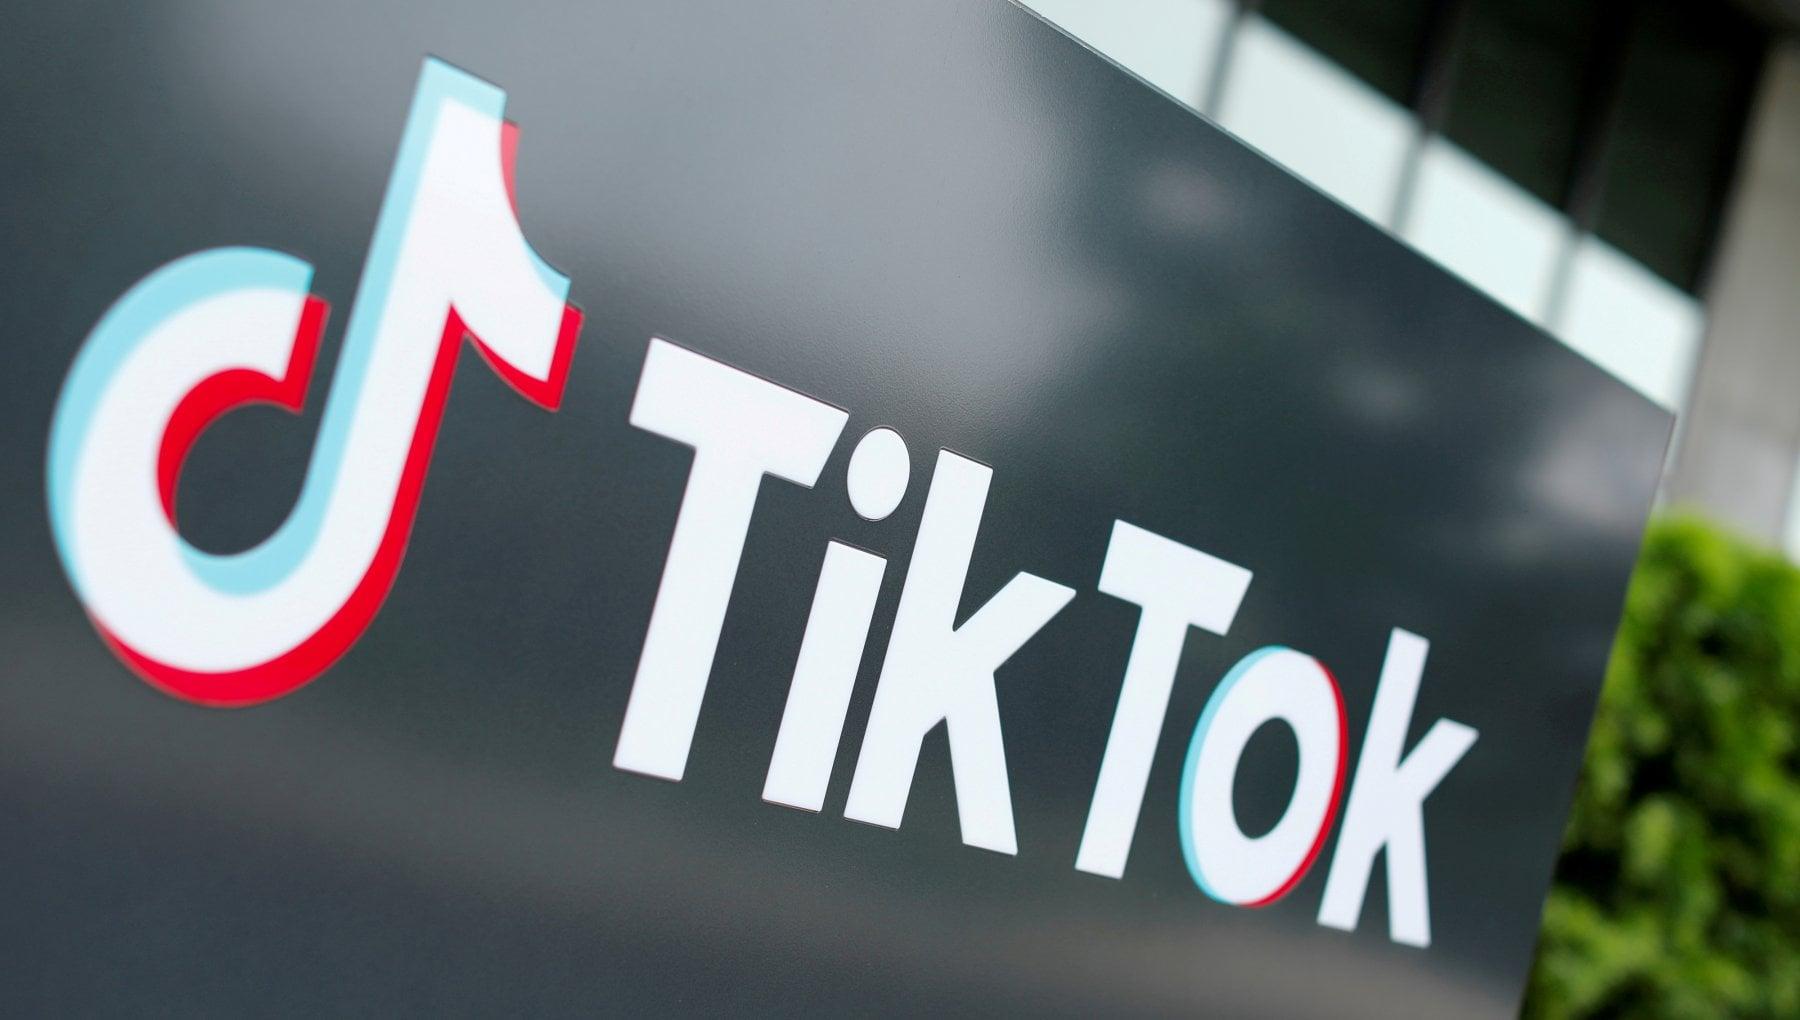 tiktok-e-l'app-di-intrattenimento-piu-popolare:-80-milioni-di-download-a-maggio